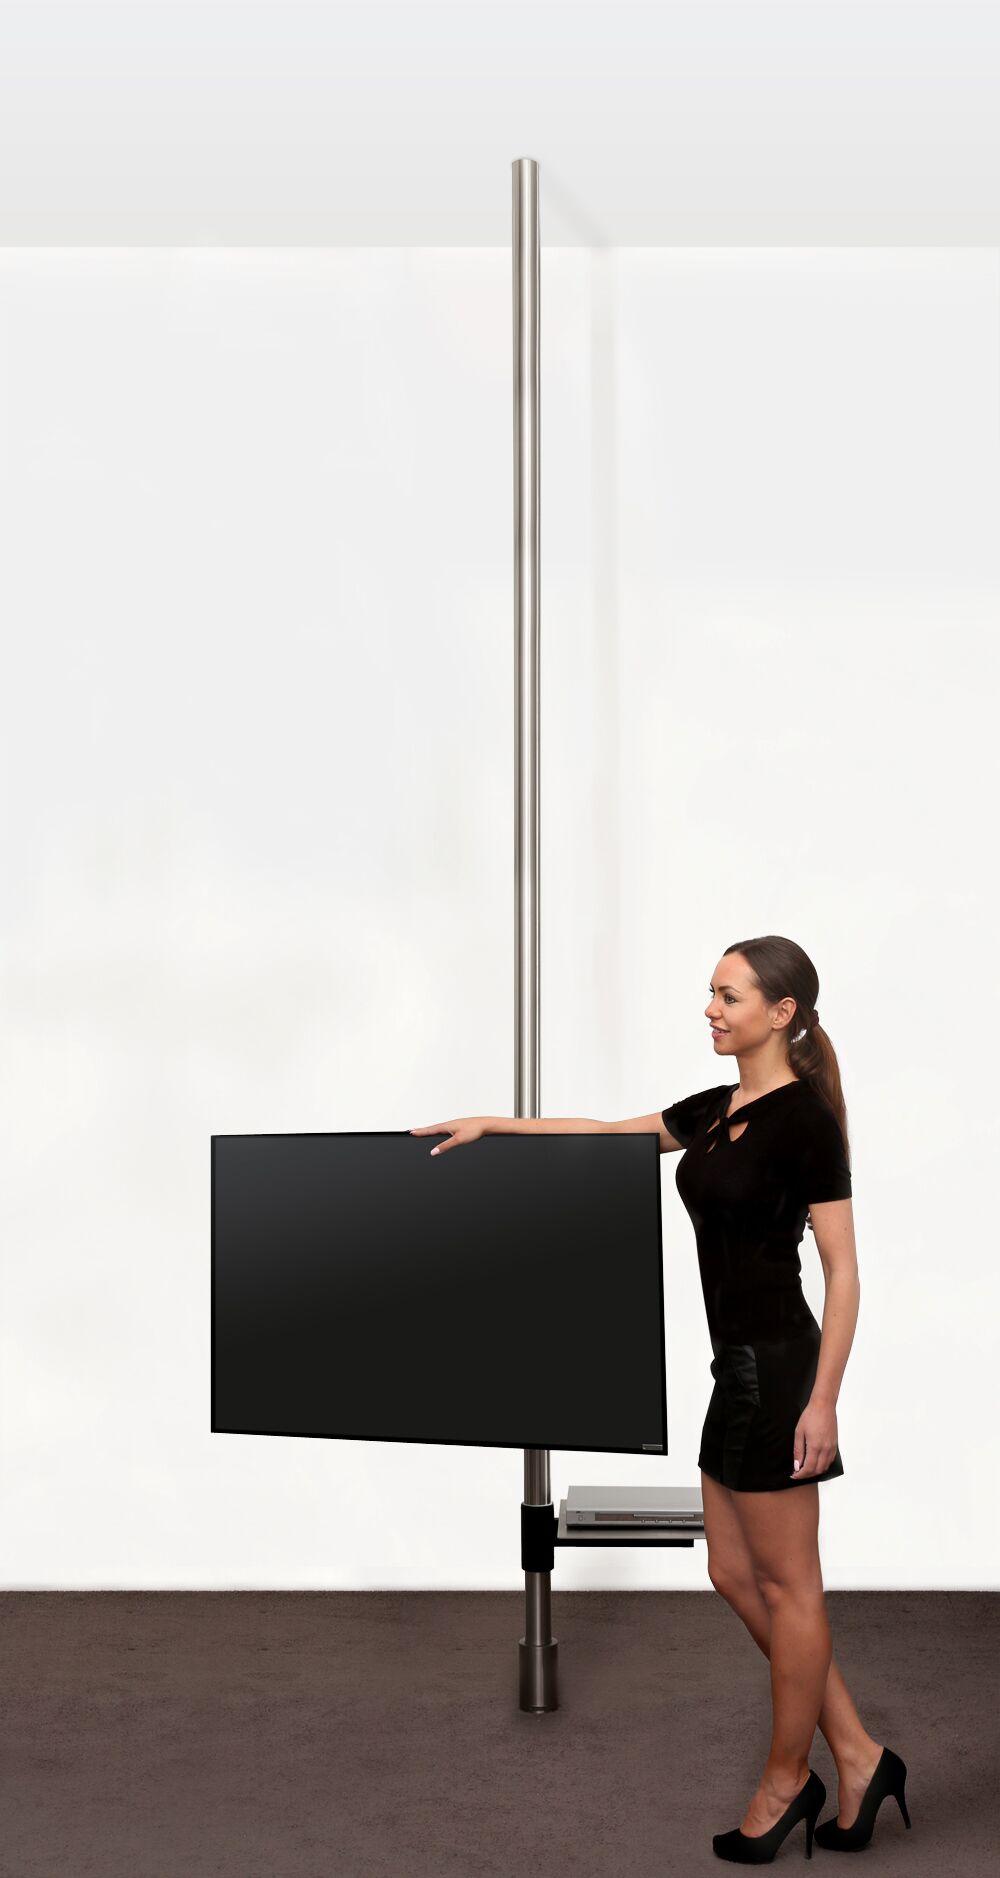 tv boden deckenhalterung drehbare flachbildfernseher halterung. Black Bedroom Furniture Sets. Home Design Ideas